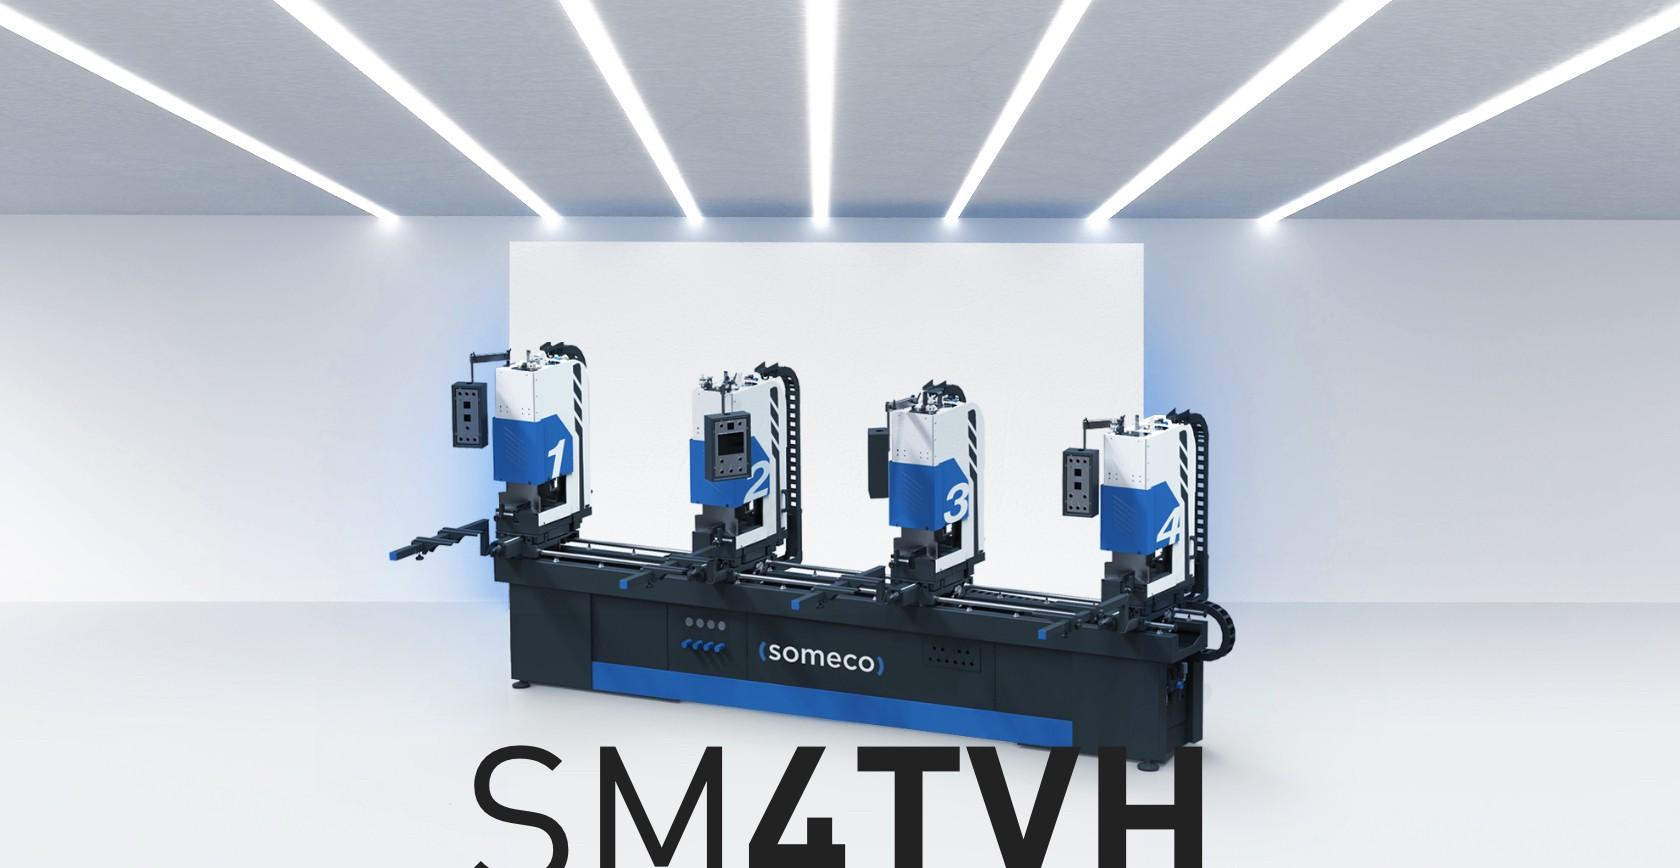 Someco - SM 4TVH